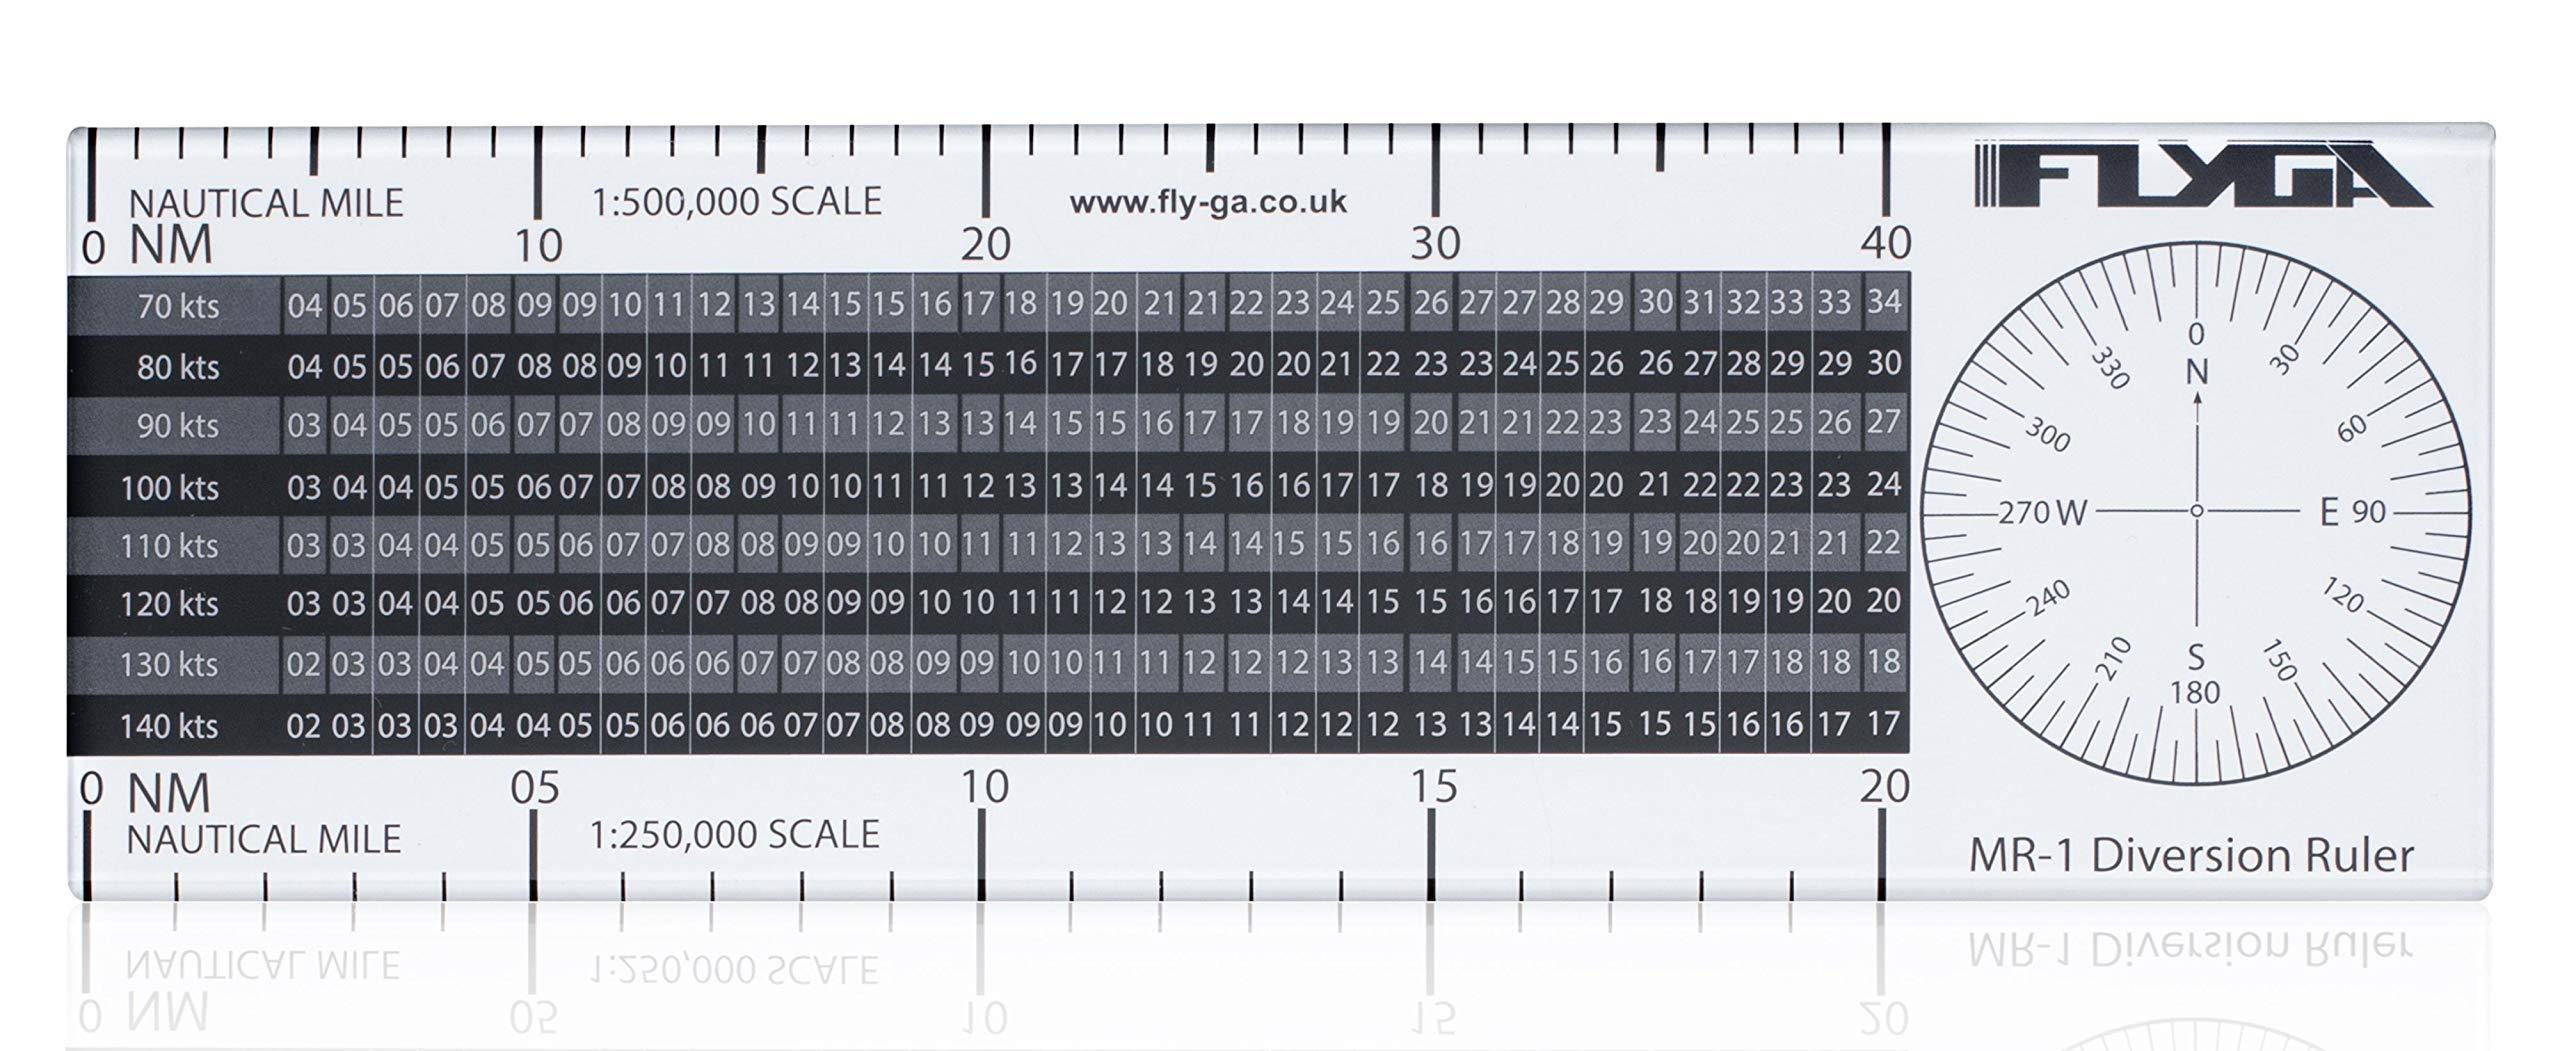 Flight Diversion Ruler (Nautical Mile Navigation Plotter) - For PPL(A), LAPL, PPL(H) & CPL Aviation Pilots